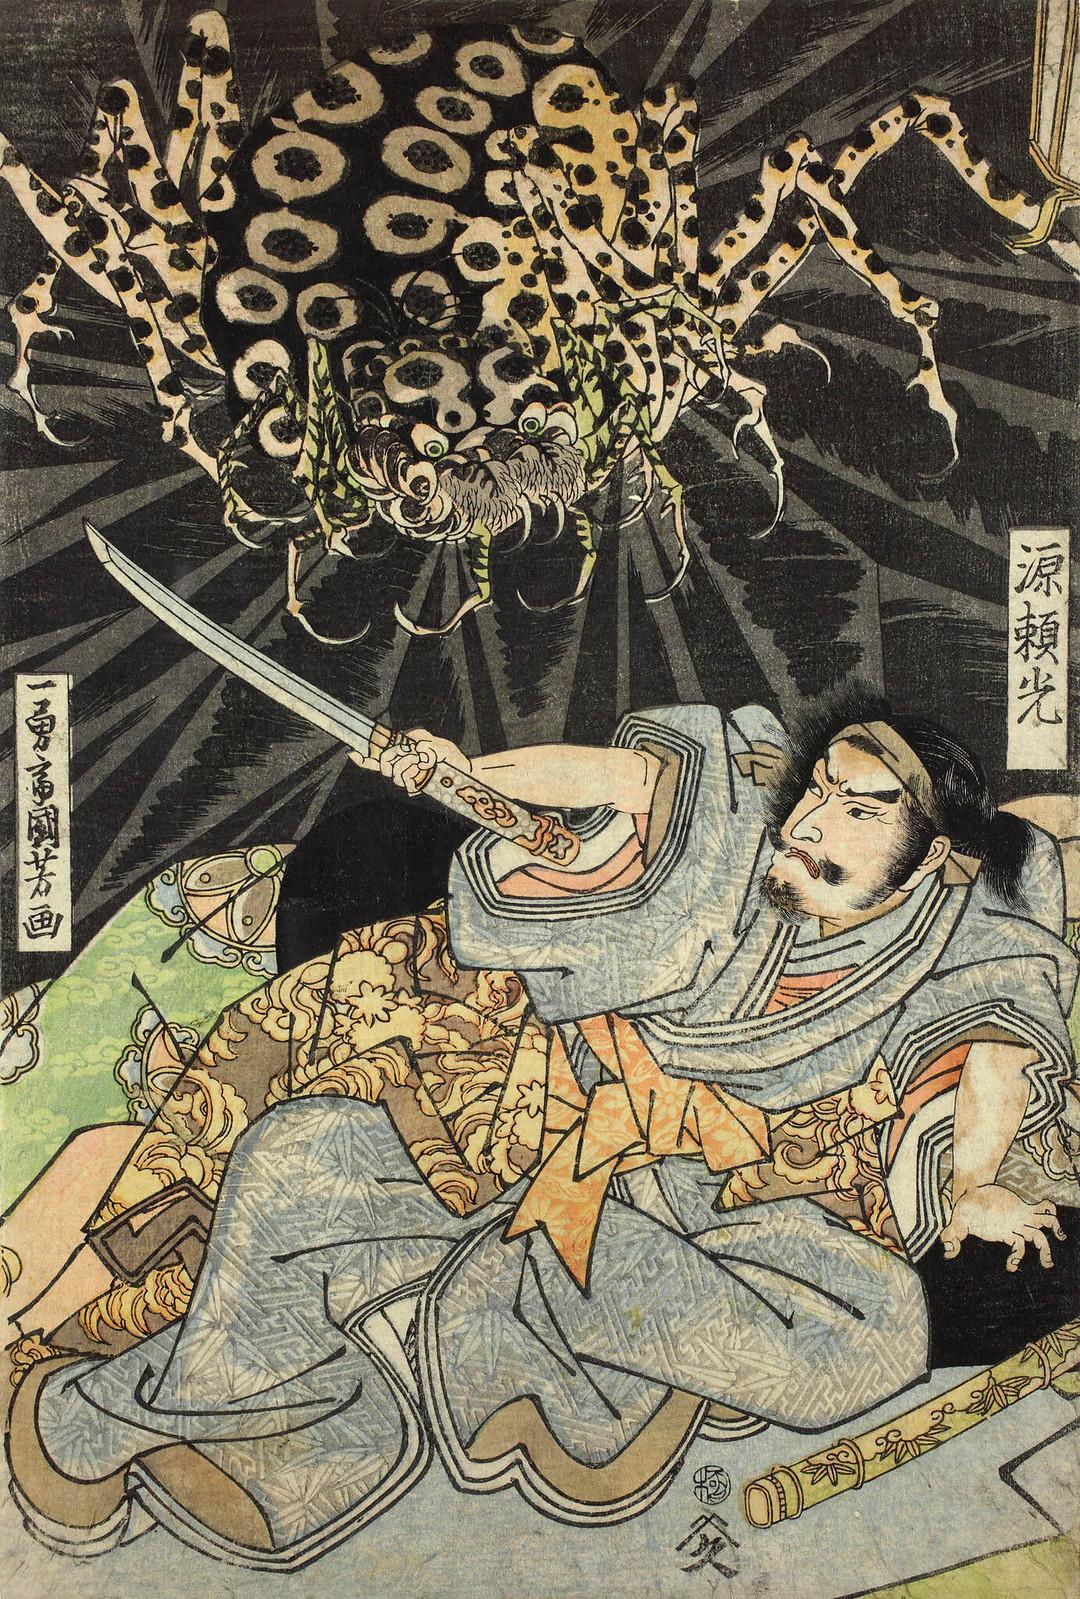 Utagawa Kuniyoshi - Minamoto no Yorimitsu fighting demon spider, with Usui no Sadamitsu, Watanabe no Tsuna, Urabe no Suetake with Sakata Kintoki with go-board. 18th c (middle panel)